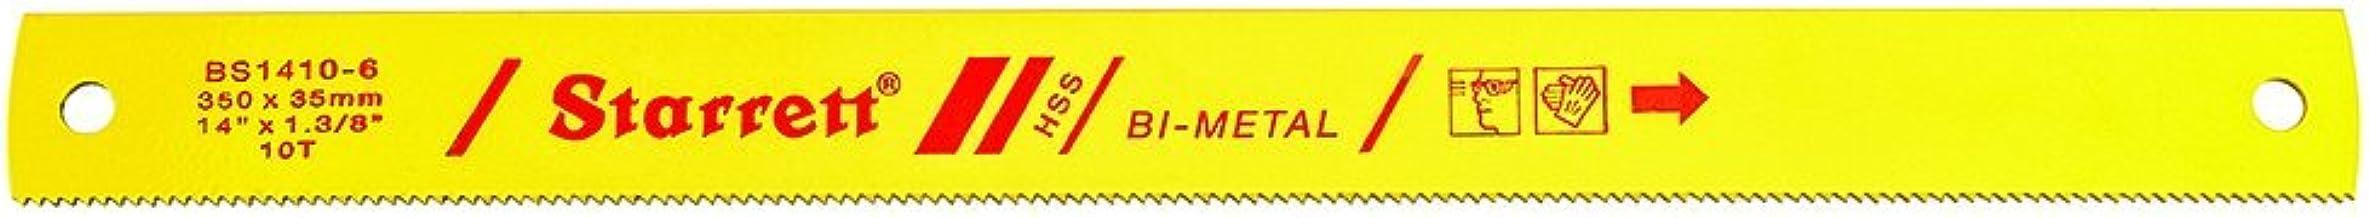 Starrett sierra maquina - Hoja bimetalico 350x35x1,6mm 10 diente